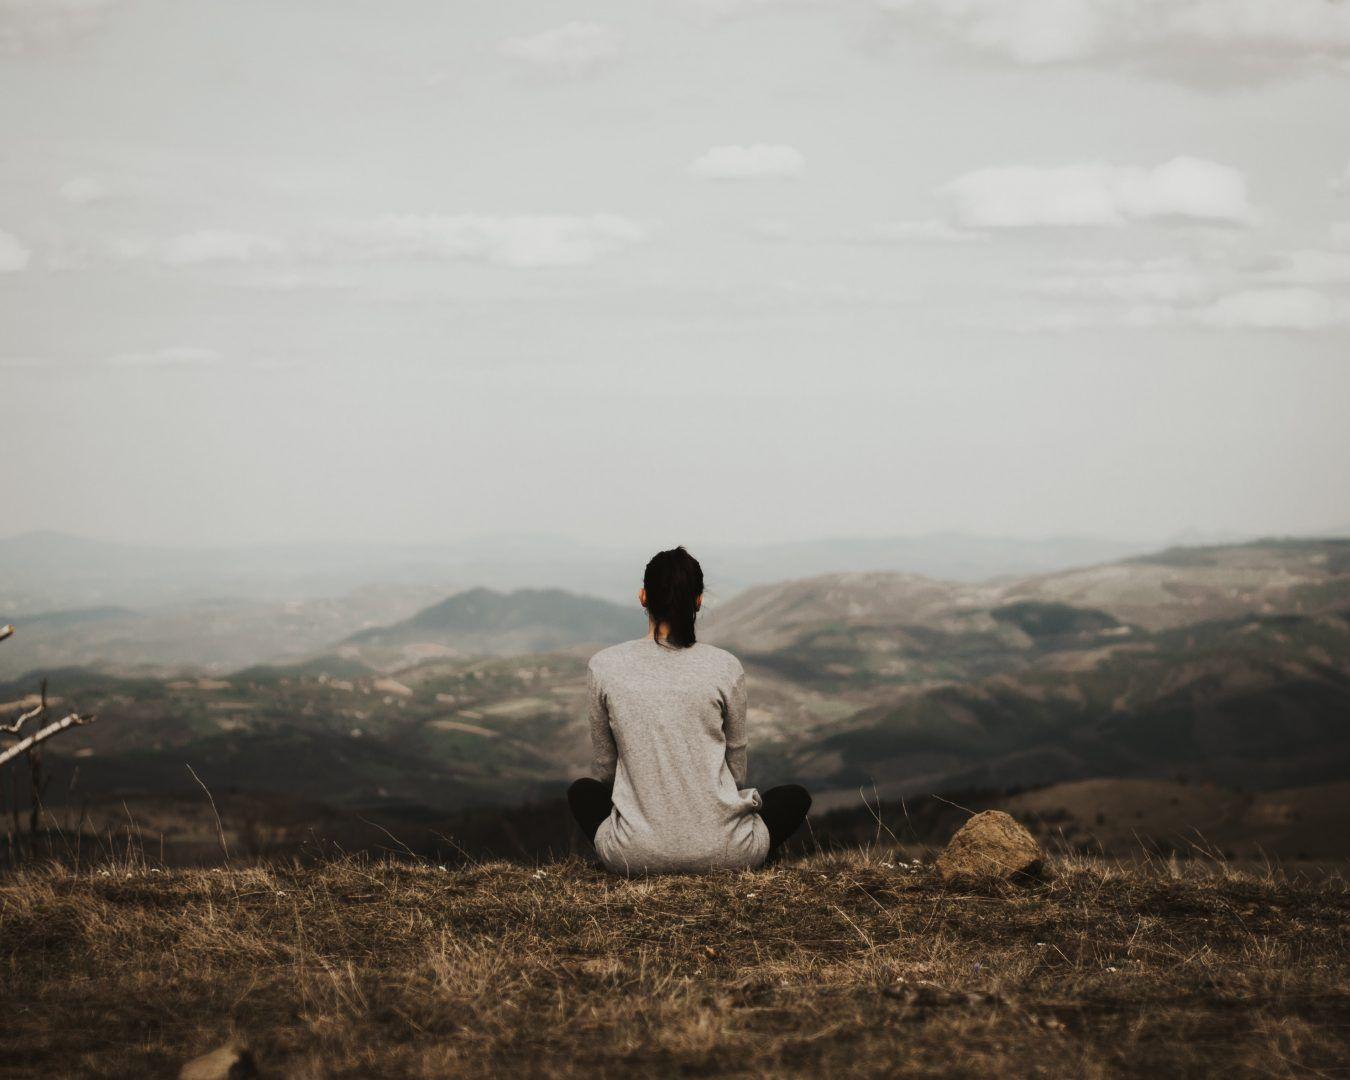 Respiração para controlar a ansiedade em momentos de tensão